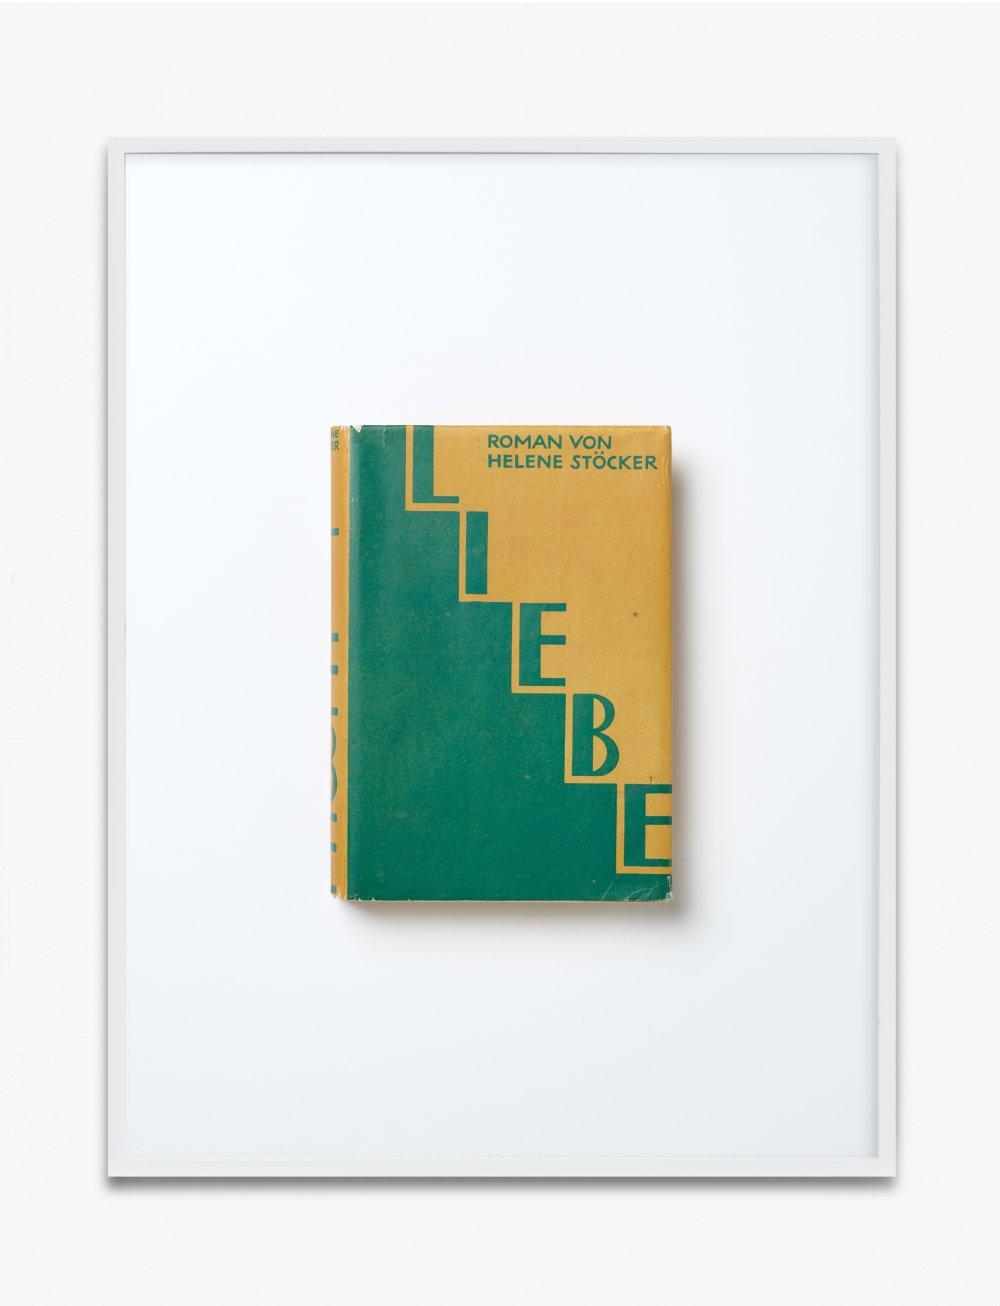 Helene Stöcker, Liebe, 1927, Verlag der Neuen Generation, Berlin-Nikolassee, Einbandgestaltung John Heartfield